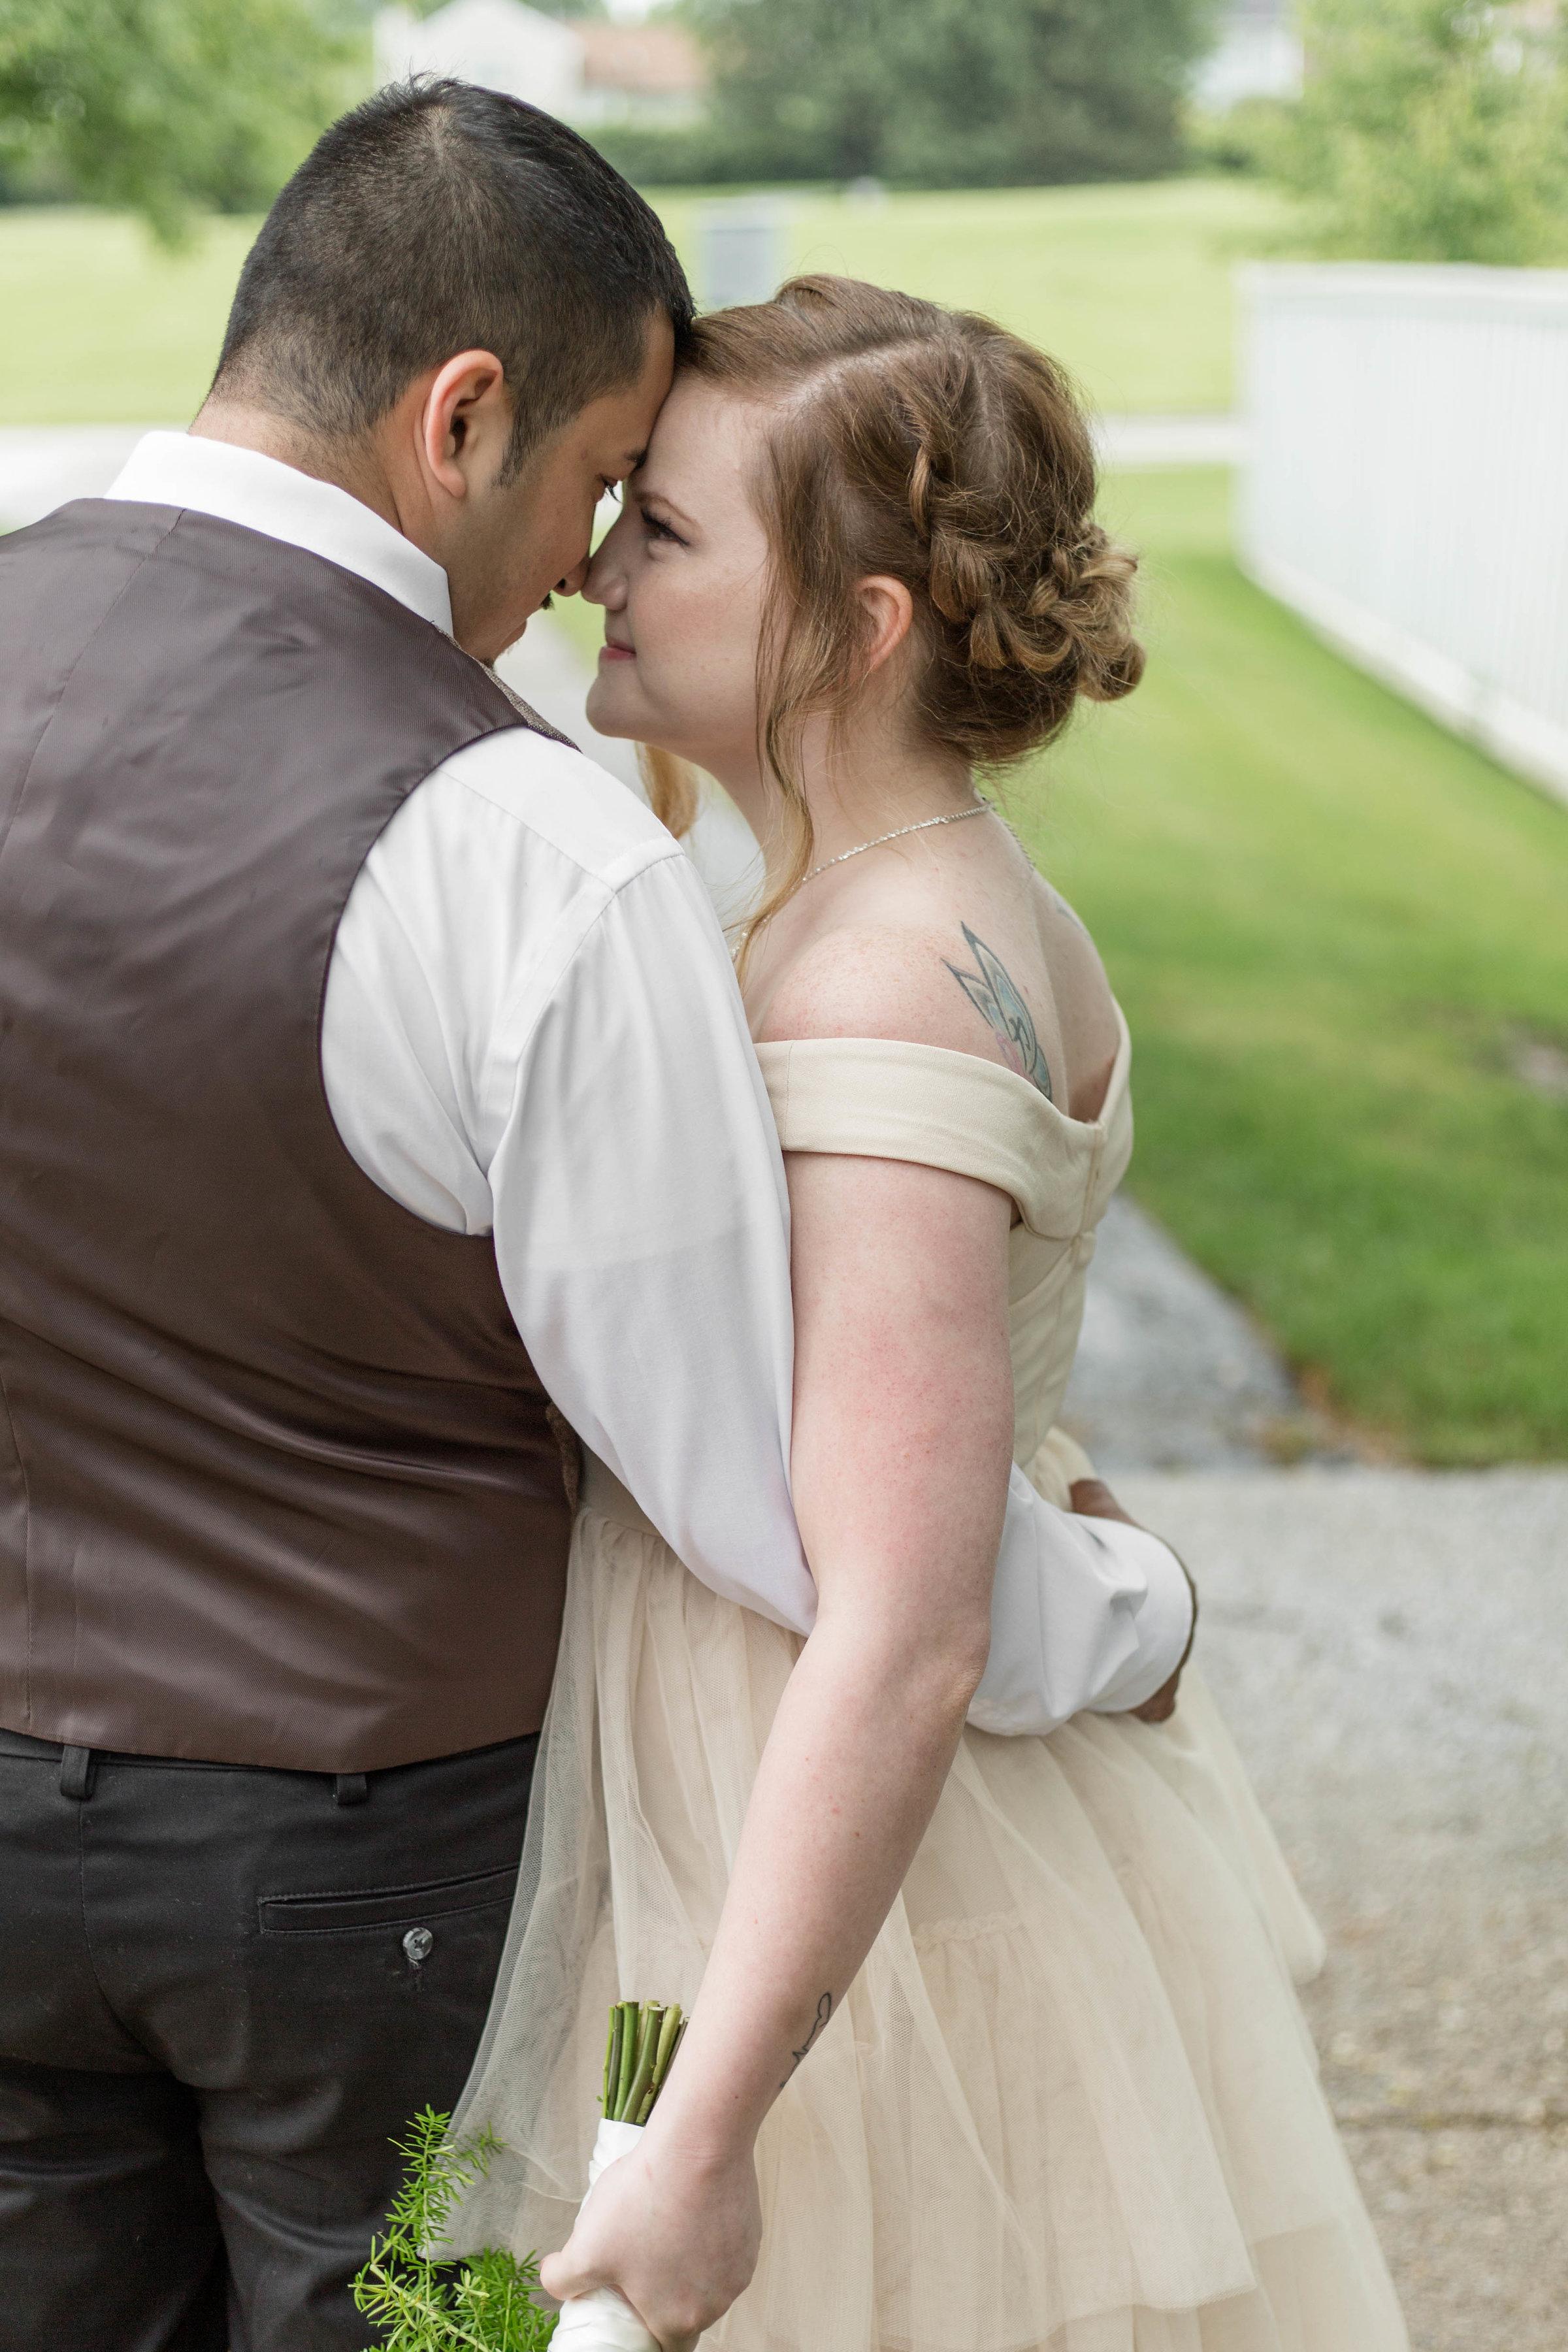 bide hugging groom